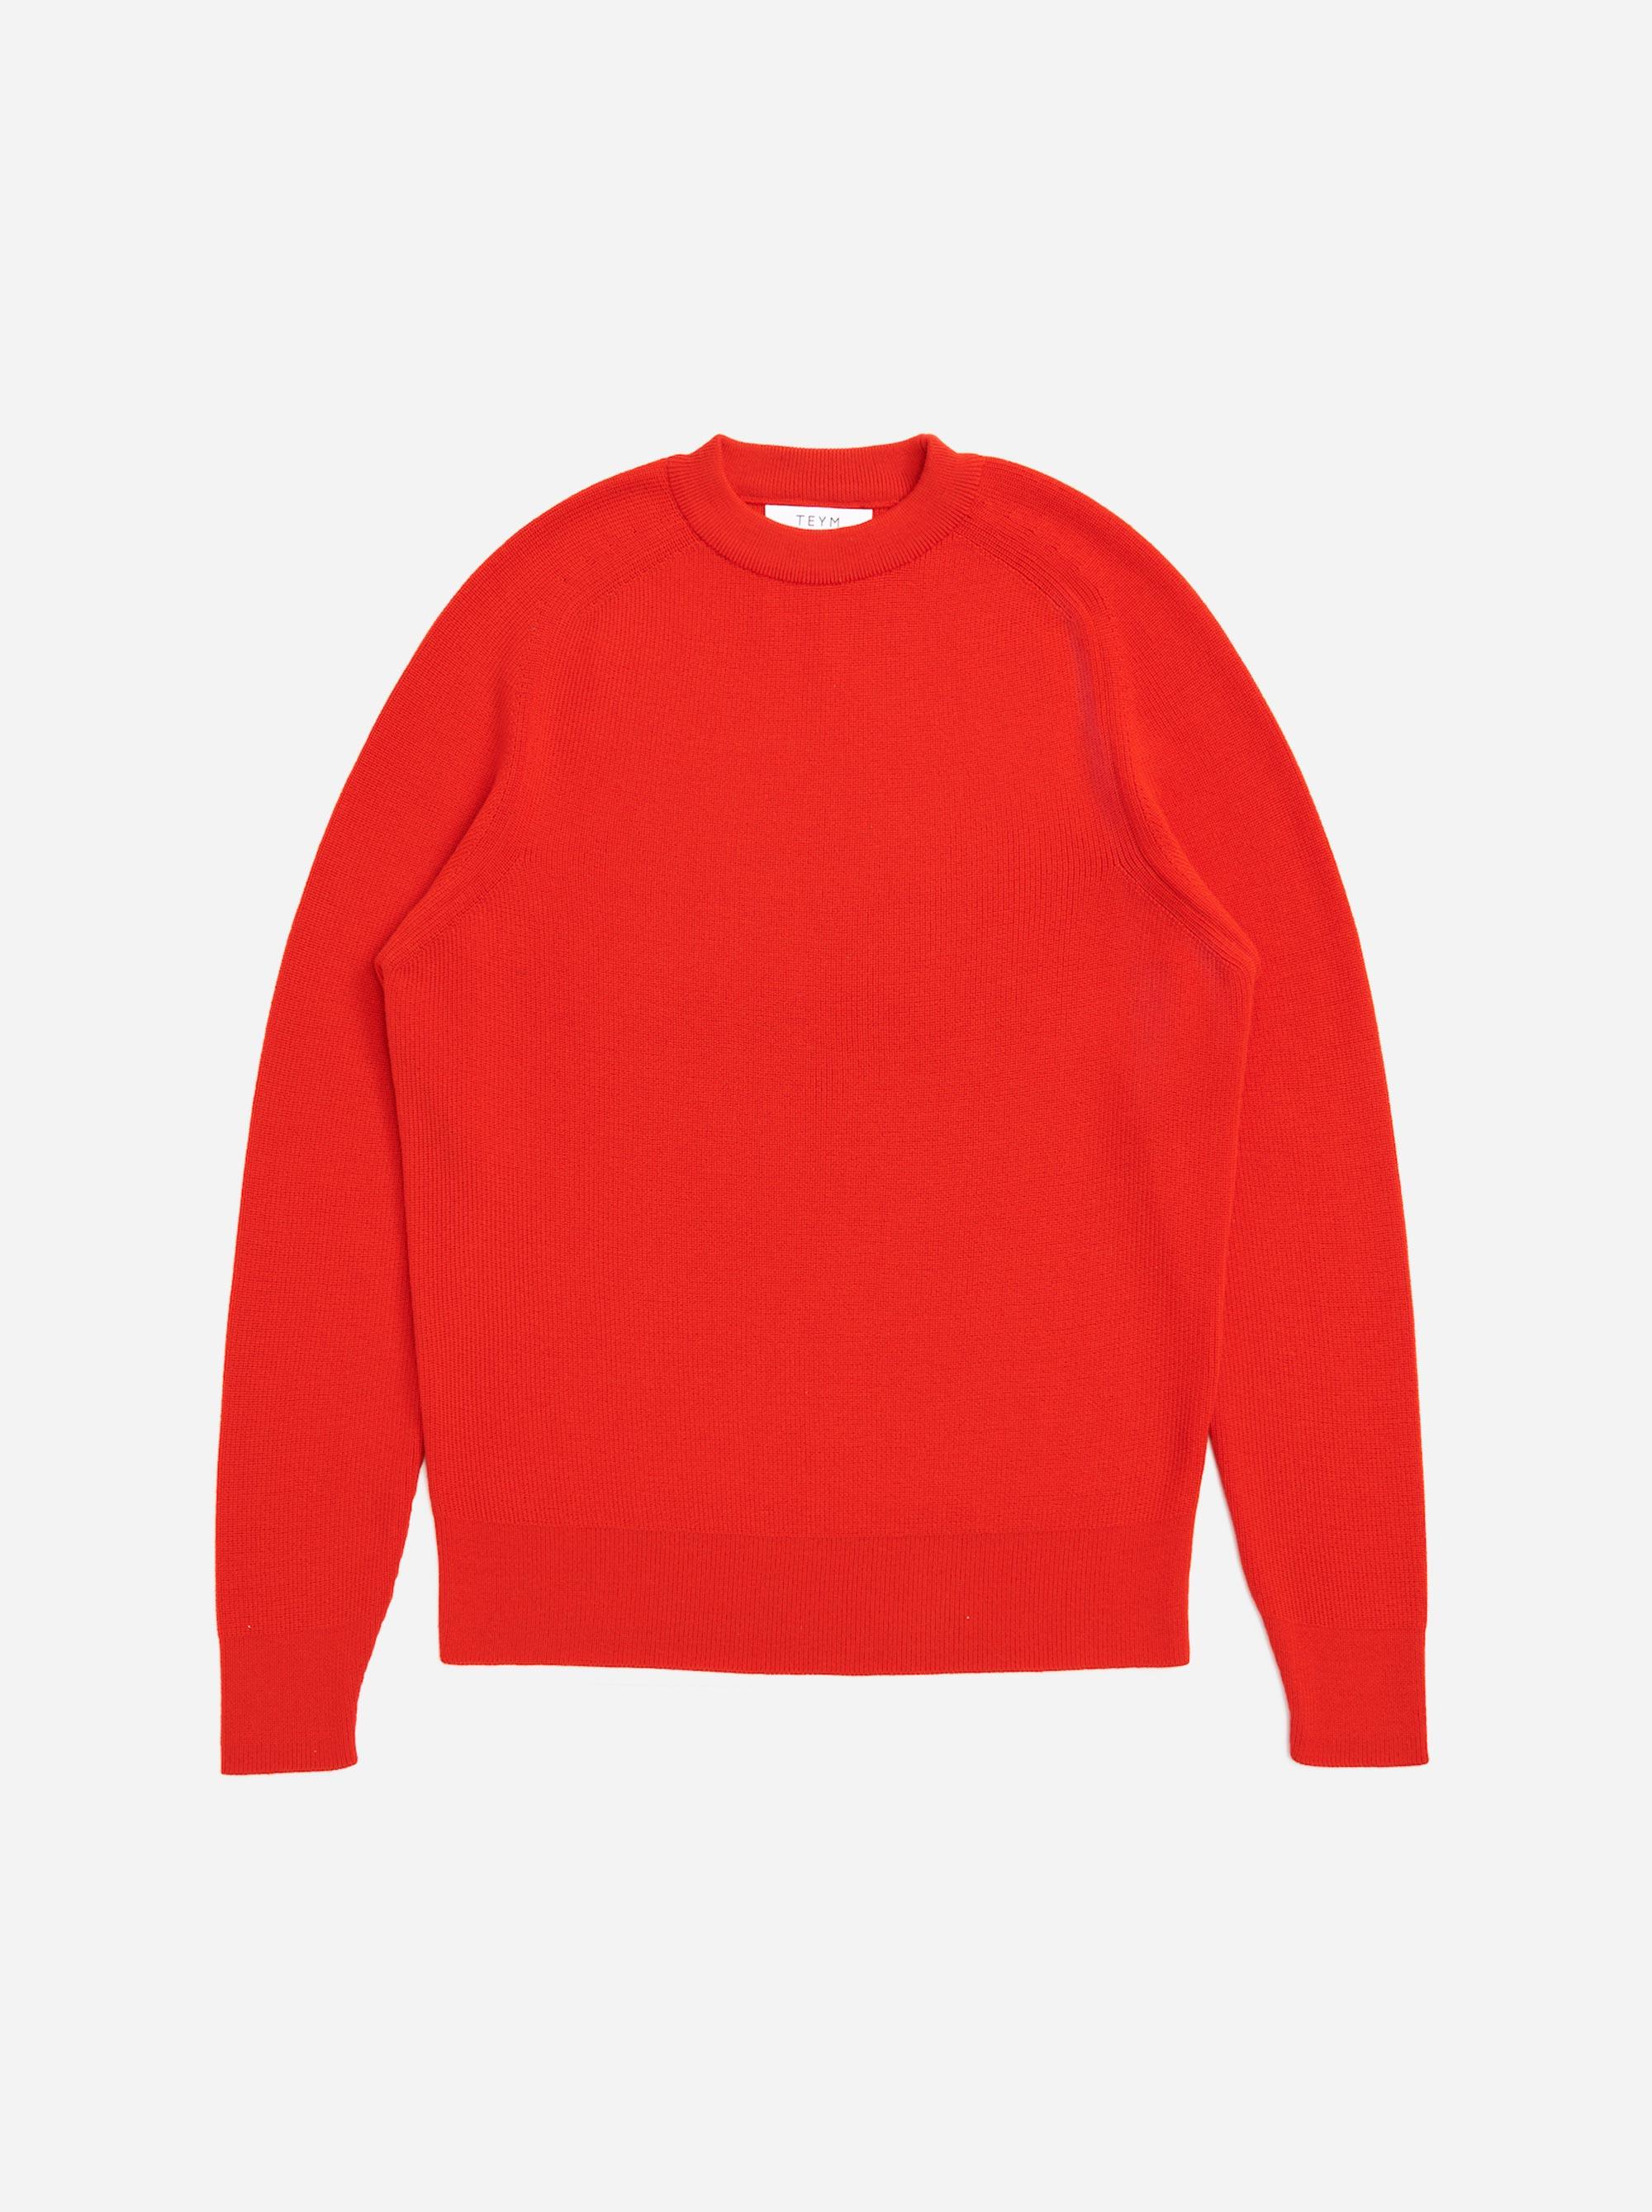 Teym - The Merino Sweater - Men - Red - 5